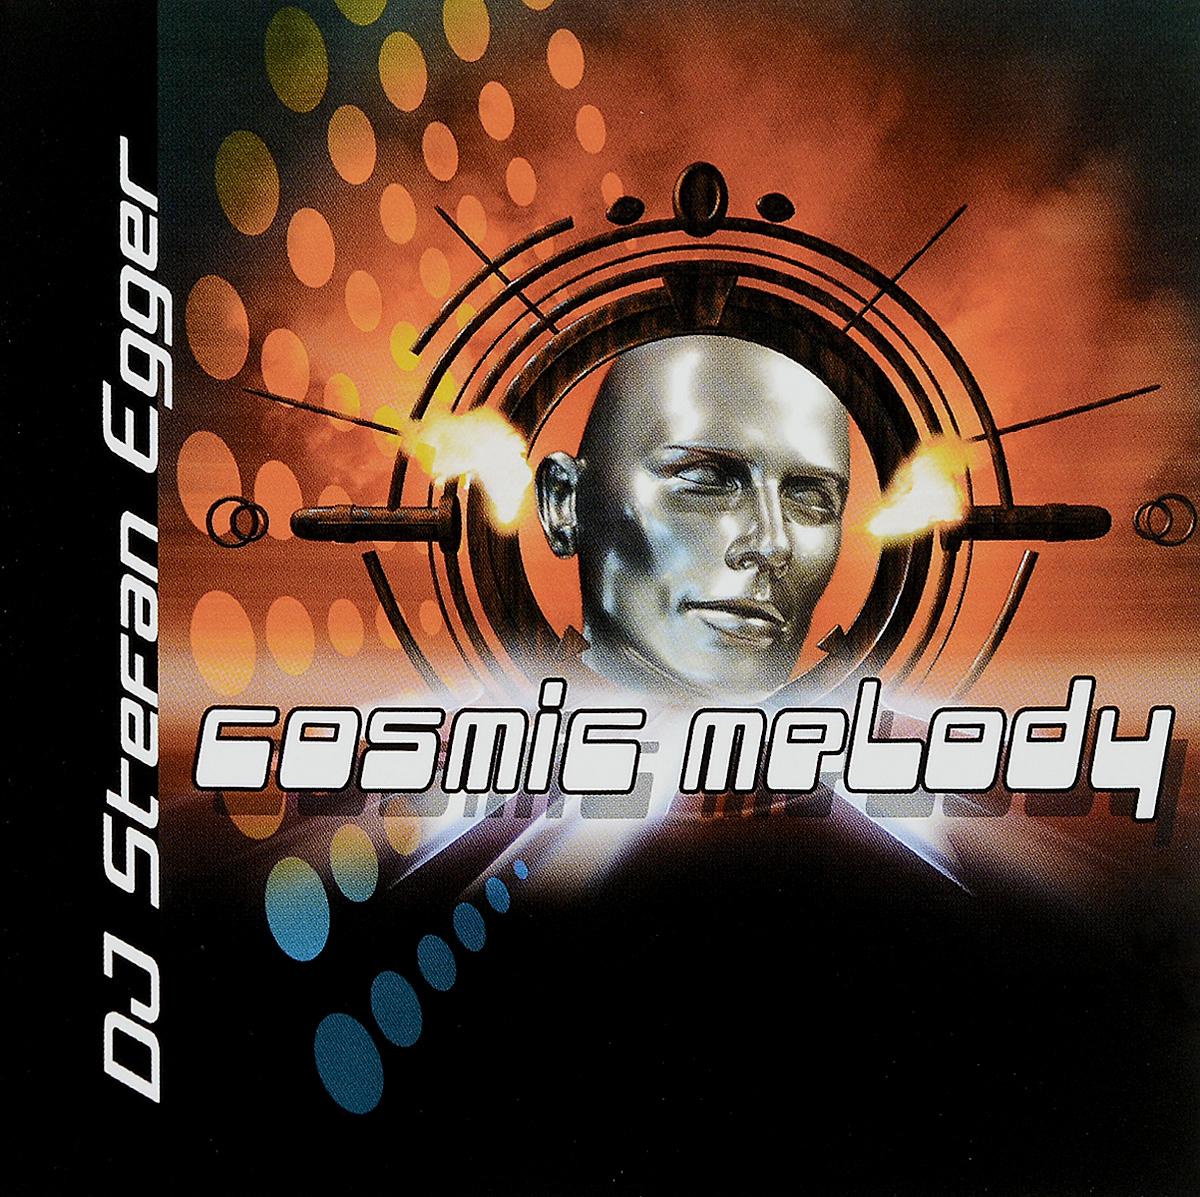 Stefan Egger / DJ Egger. Cosmic Melody (CD)